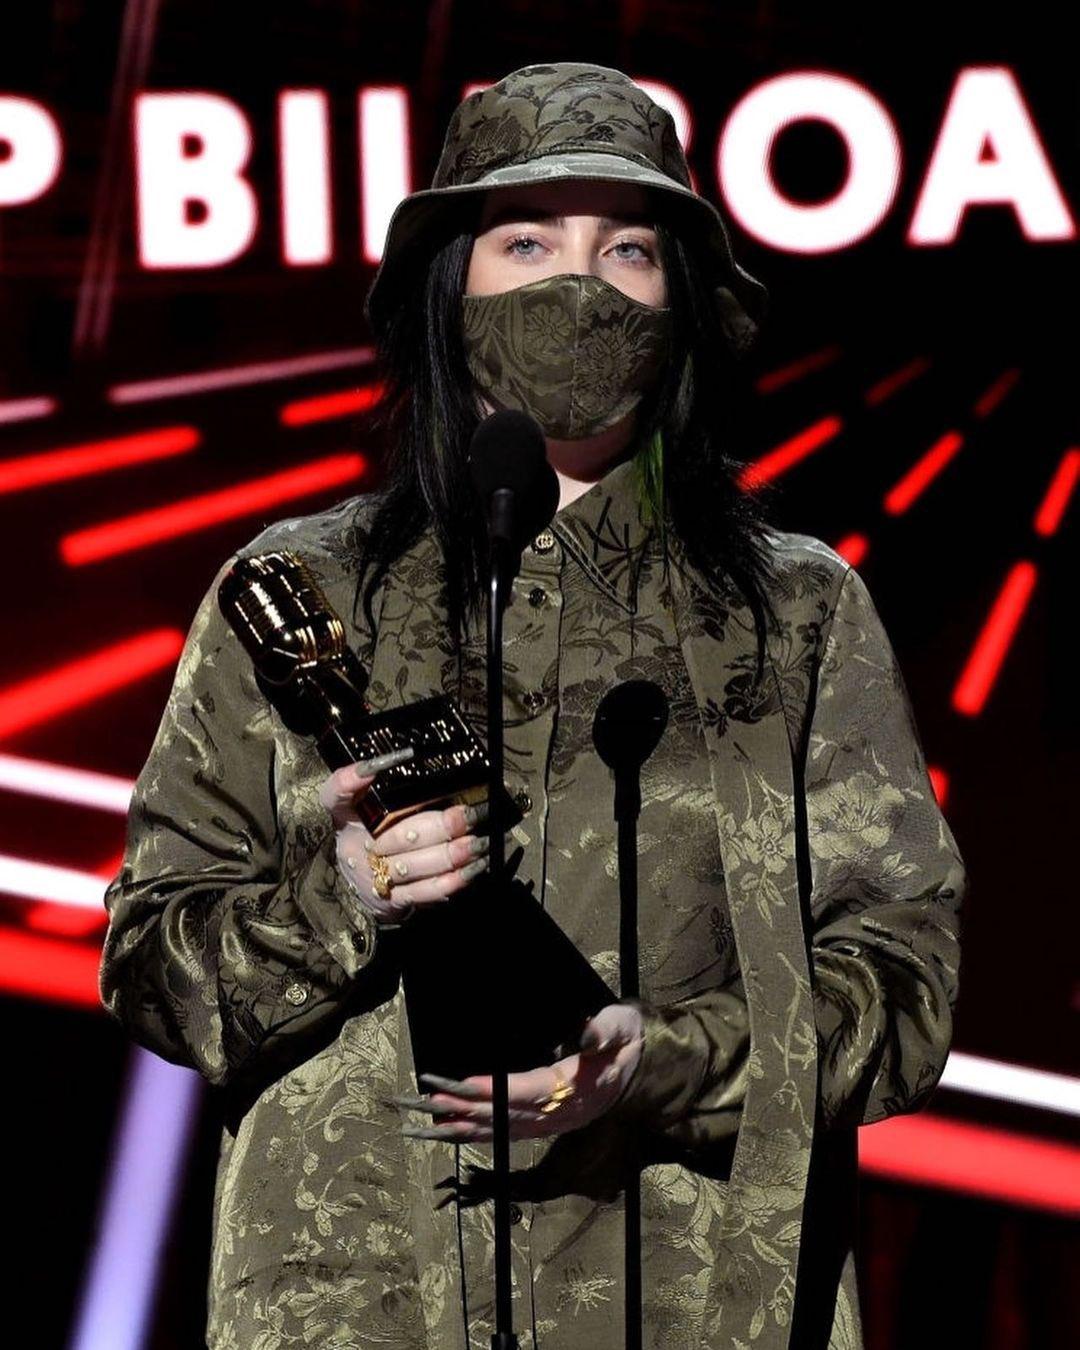 Billie Eilish ganadores Billboard Music Awards 2020